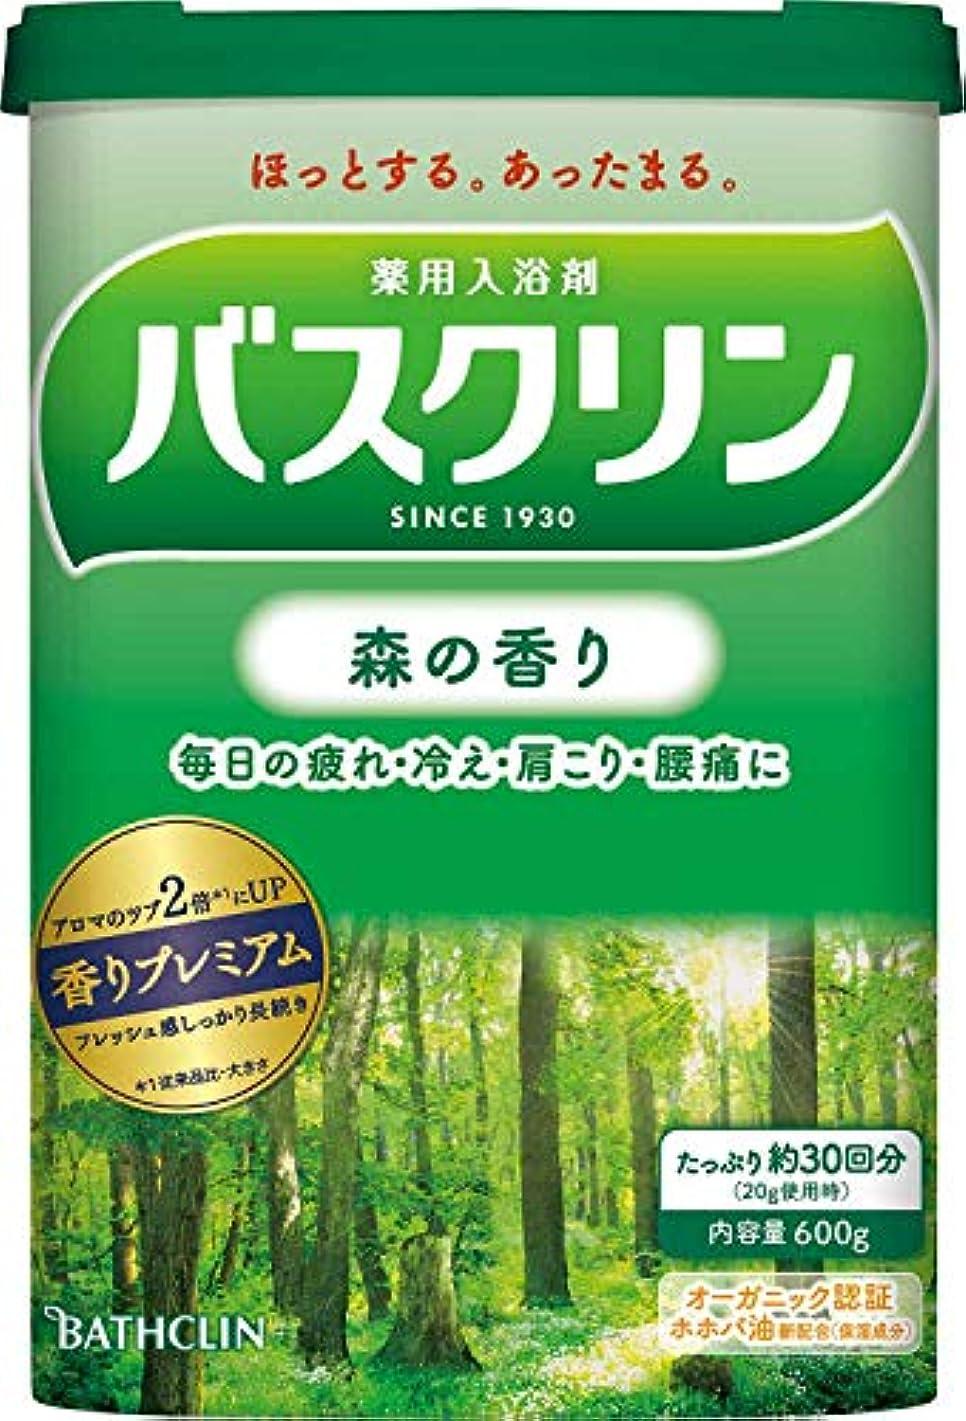 証明するミシンプロジェクター【医薬部外品】バスクリン入浴剤 森の香り600g入浴剤(約30回分) 疲労回復